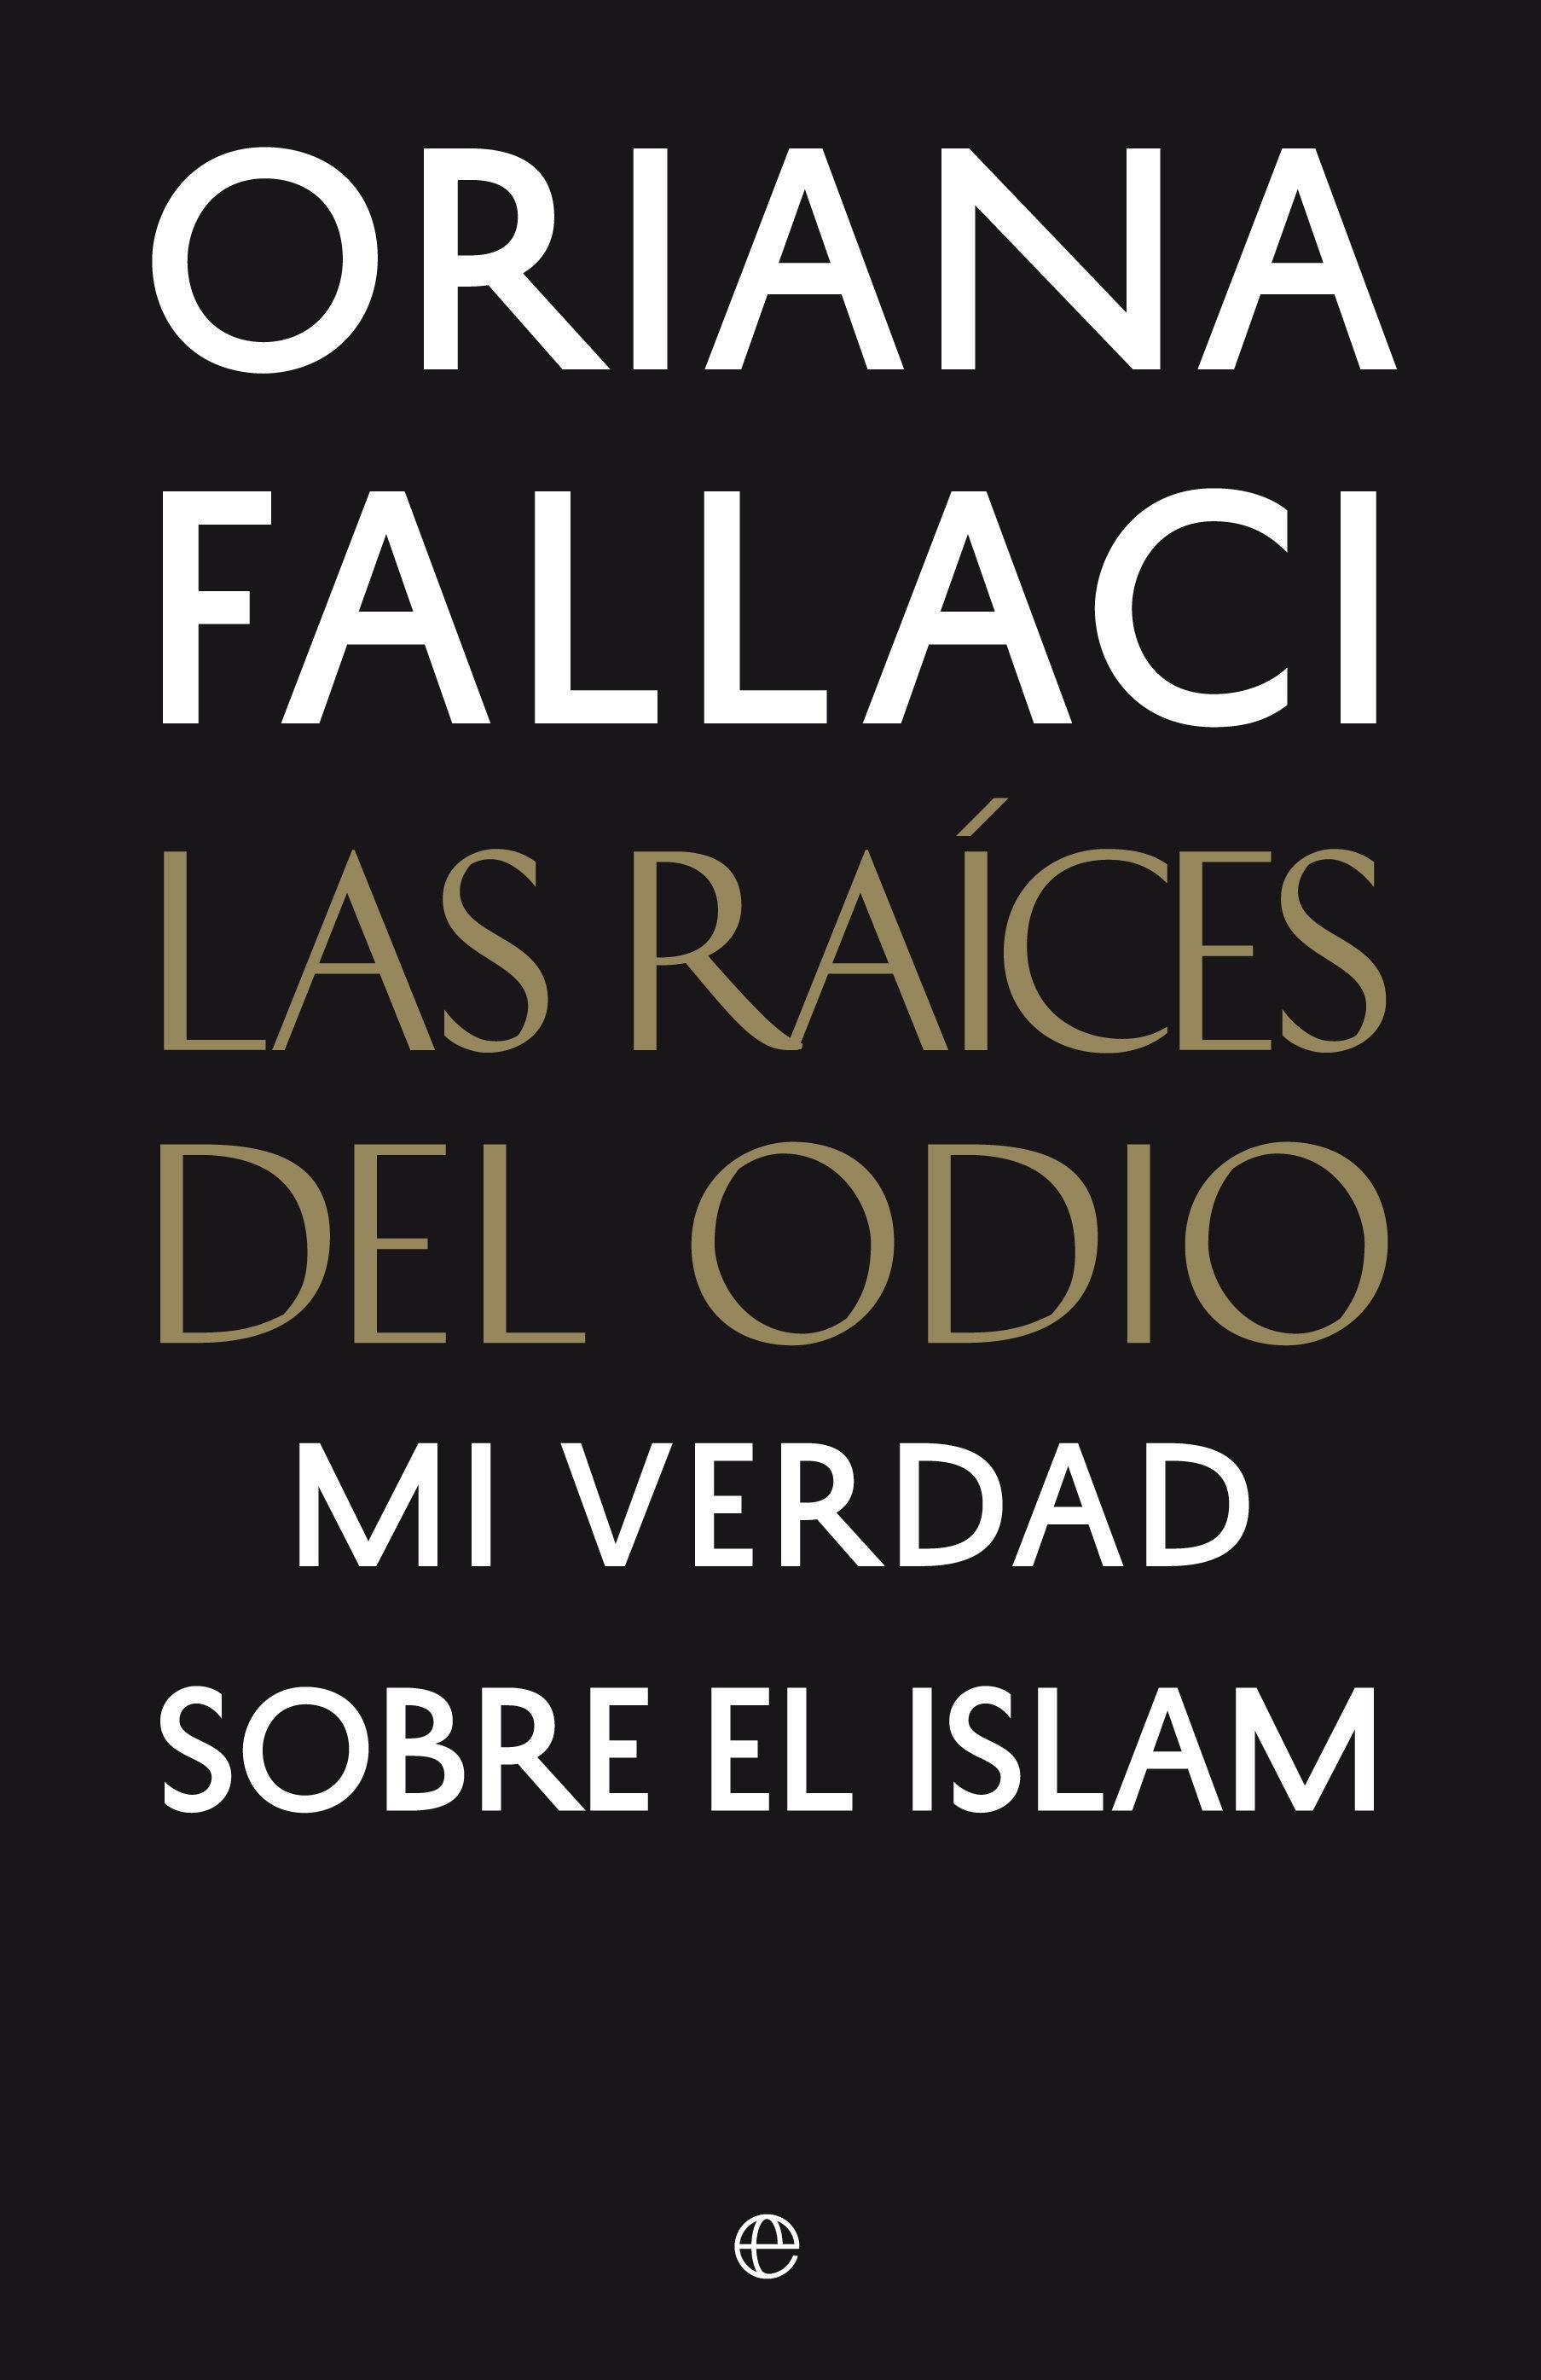 las_raices_del_odio_fallaci.jpg